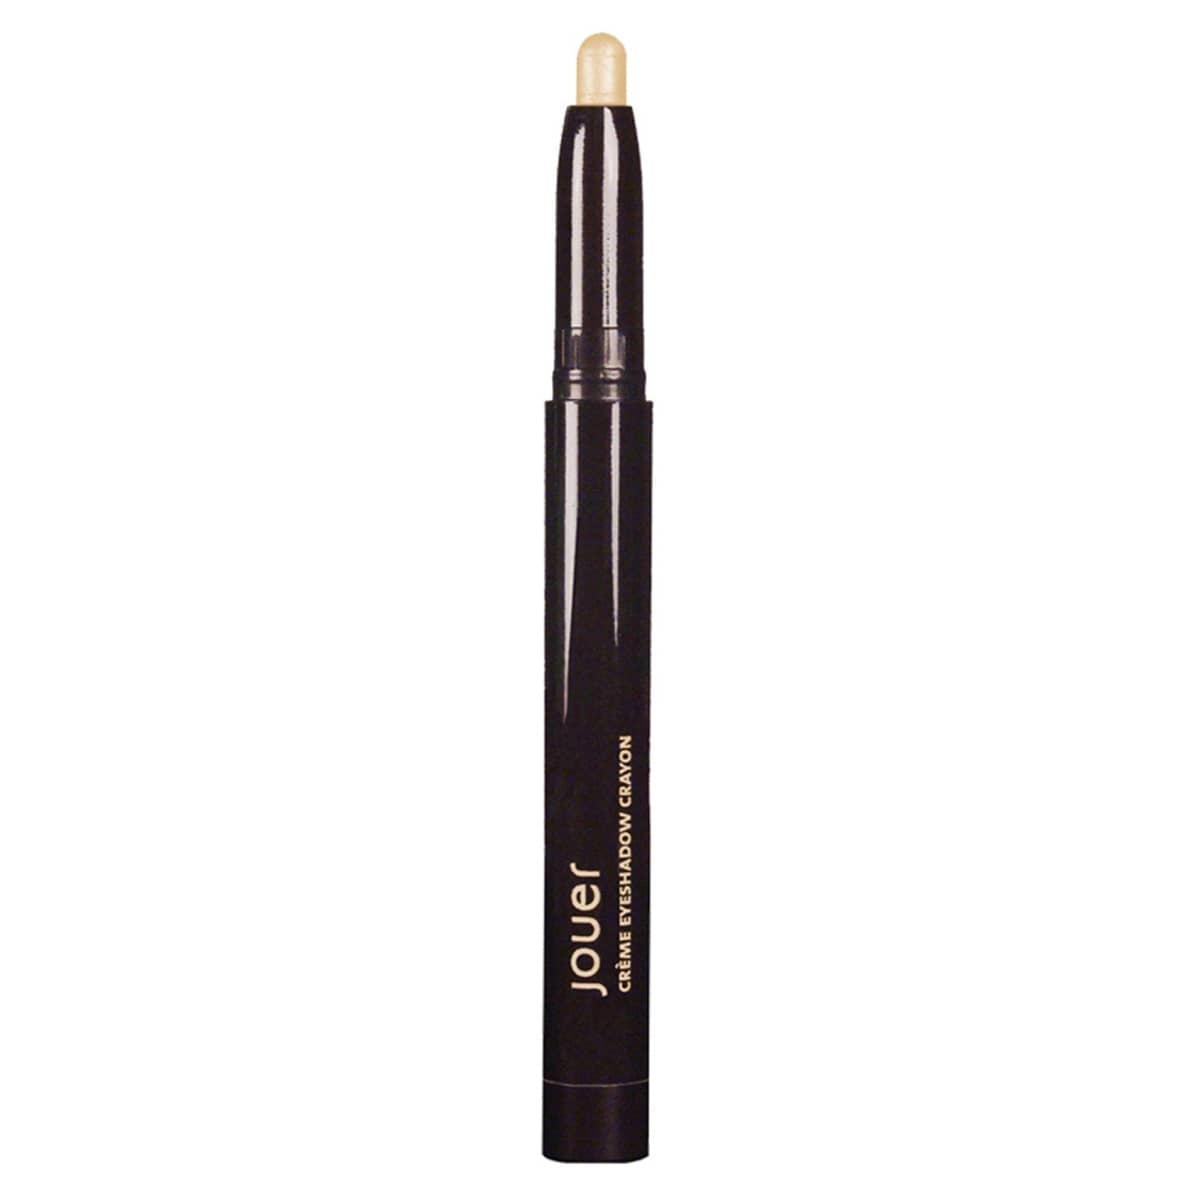 Jouer Creme Eyeshadow Crayon Rococo